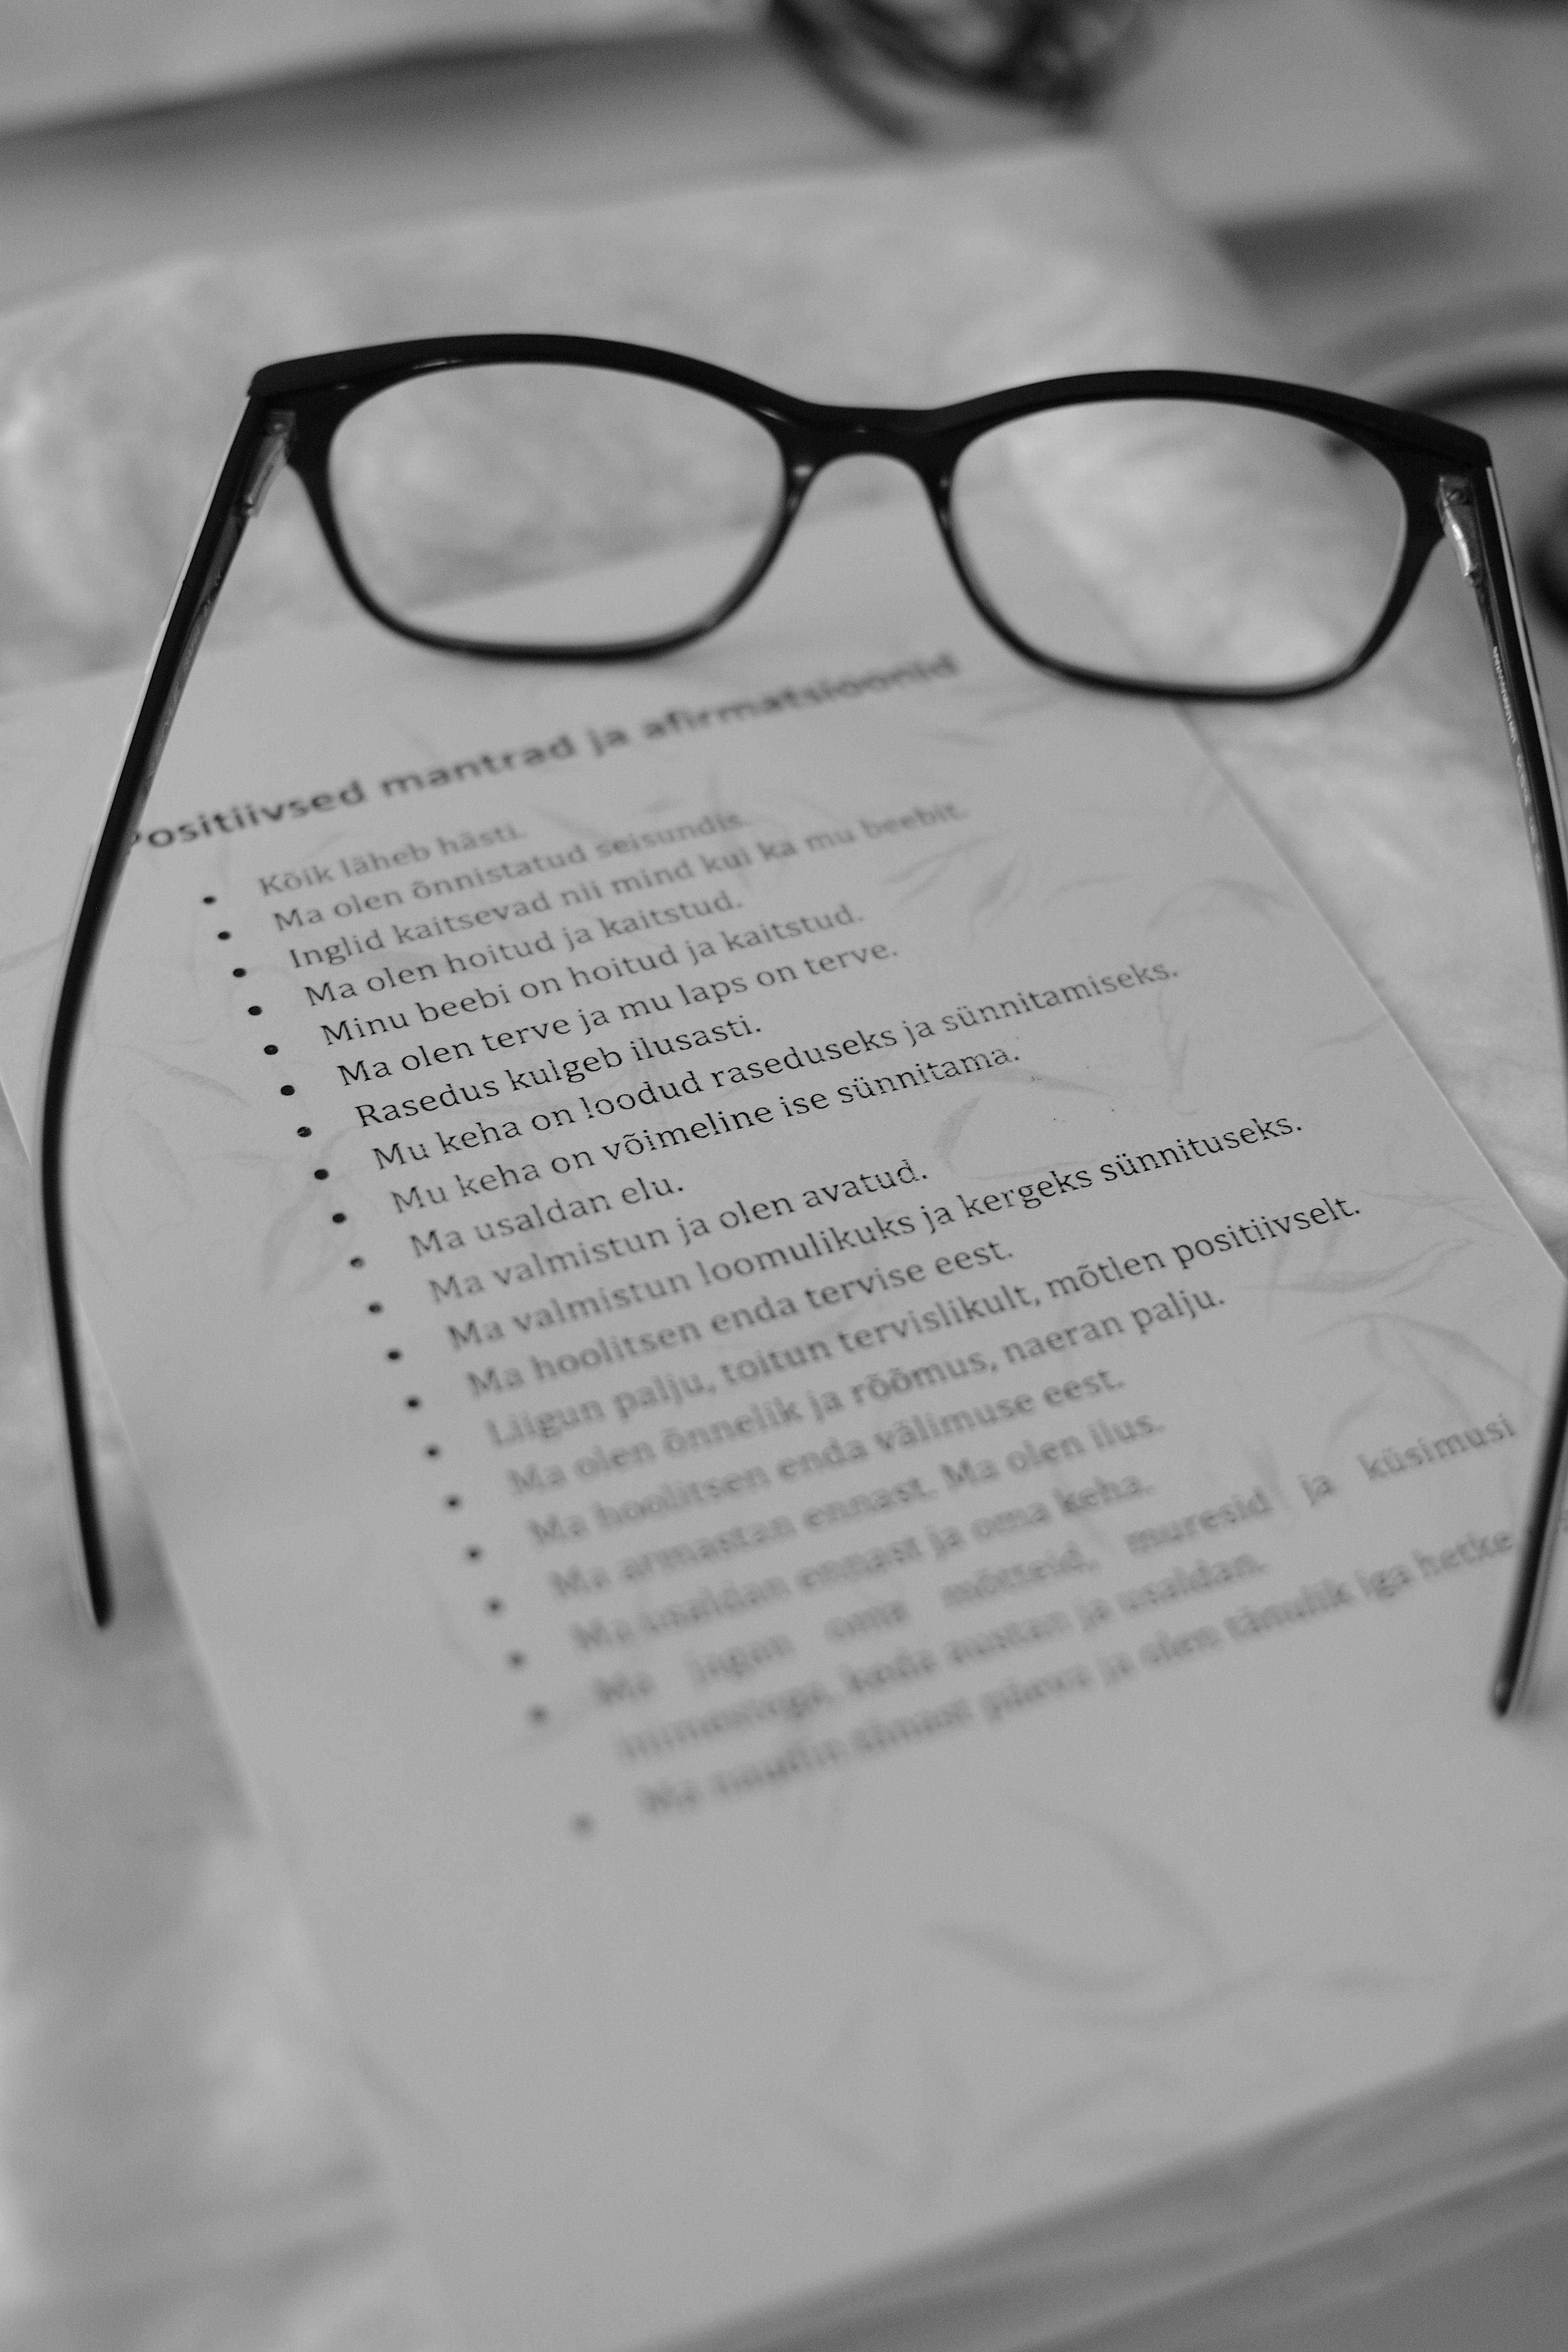 Positiivsed mantrad ja afirmatsioonid raseduse ajaks. Fotograaf: Ann Vool